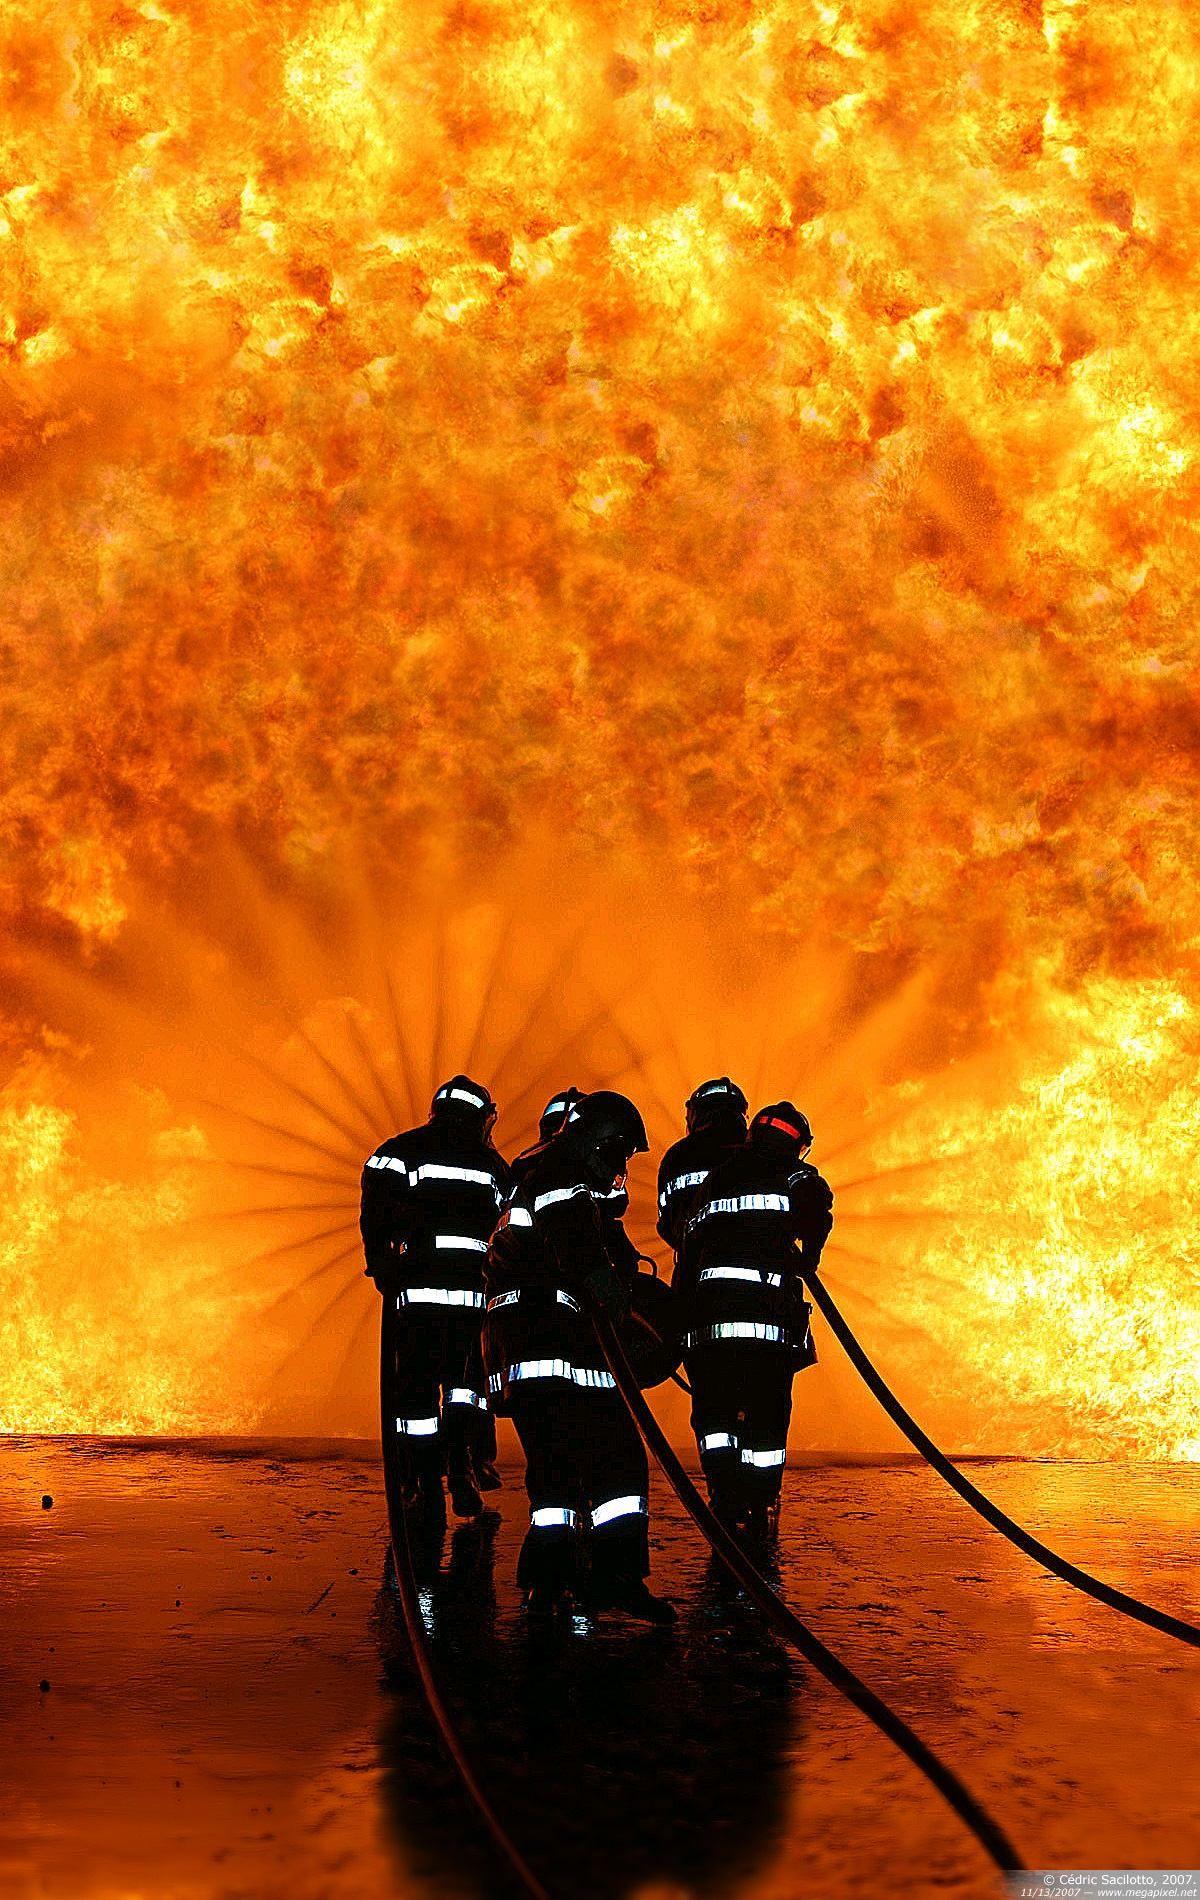 Firefighter Wallpaper Iphone   1200x1900   Download HD Wallpaper 1200x1900